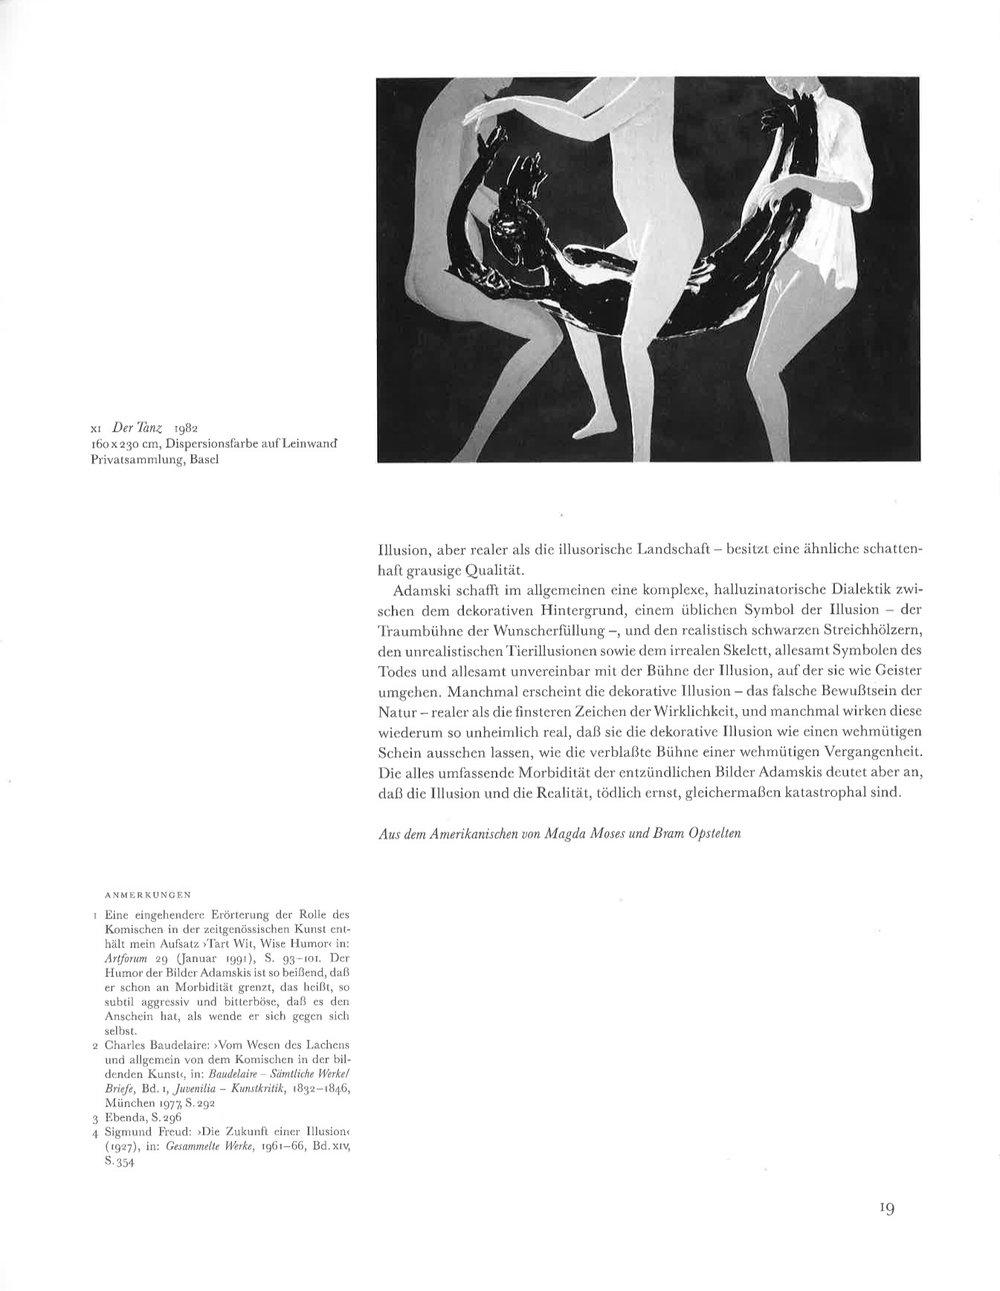 Seite 19.jpg